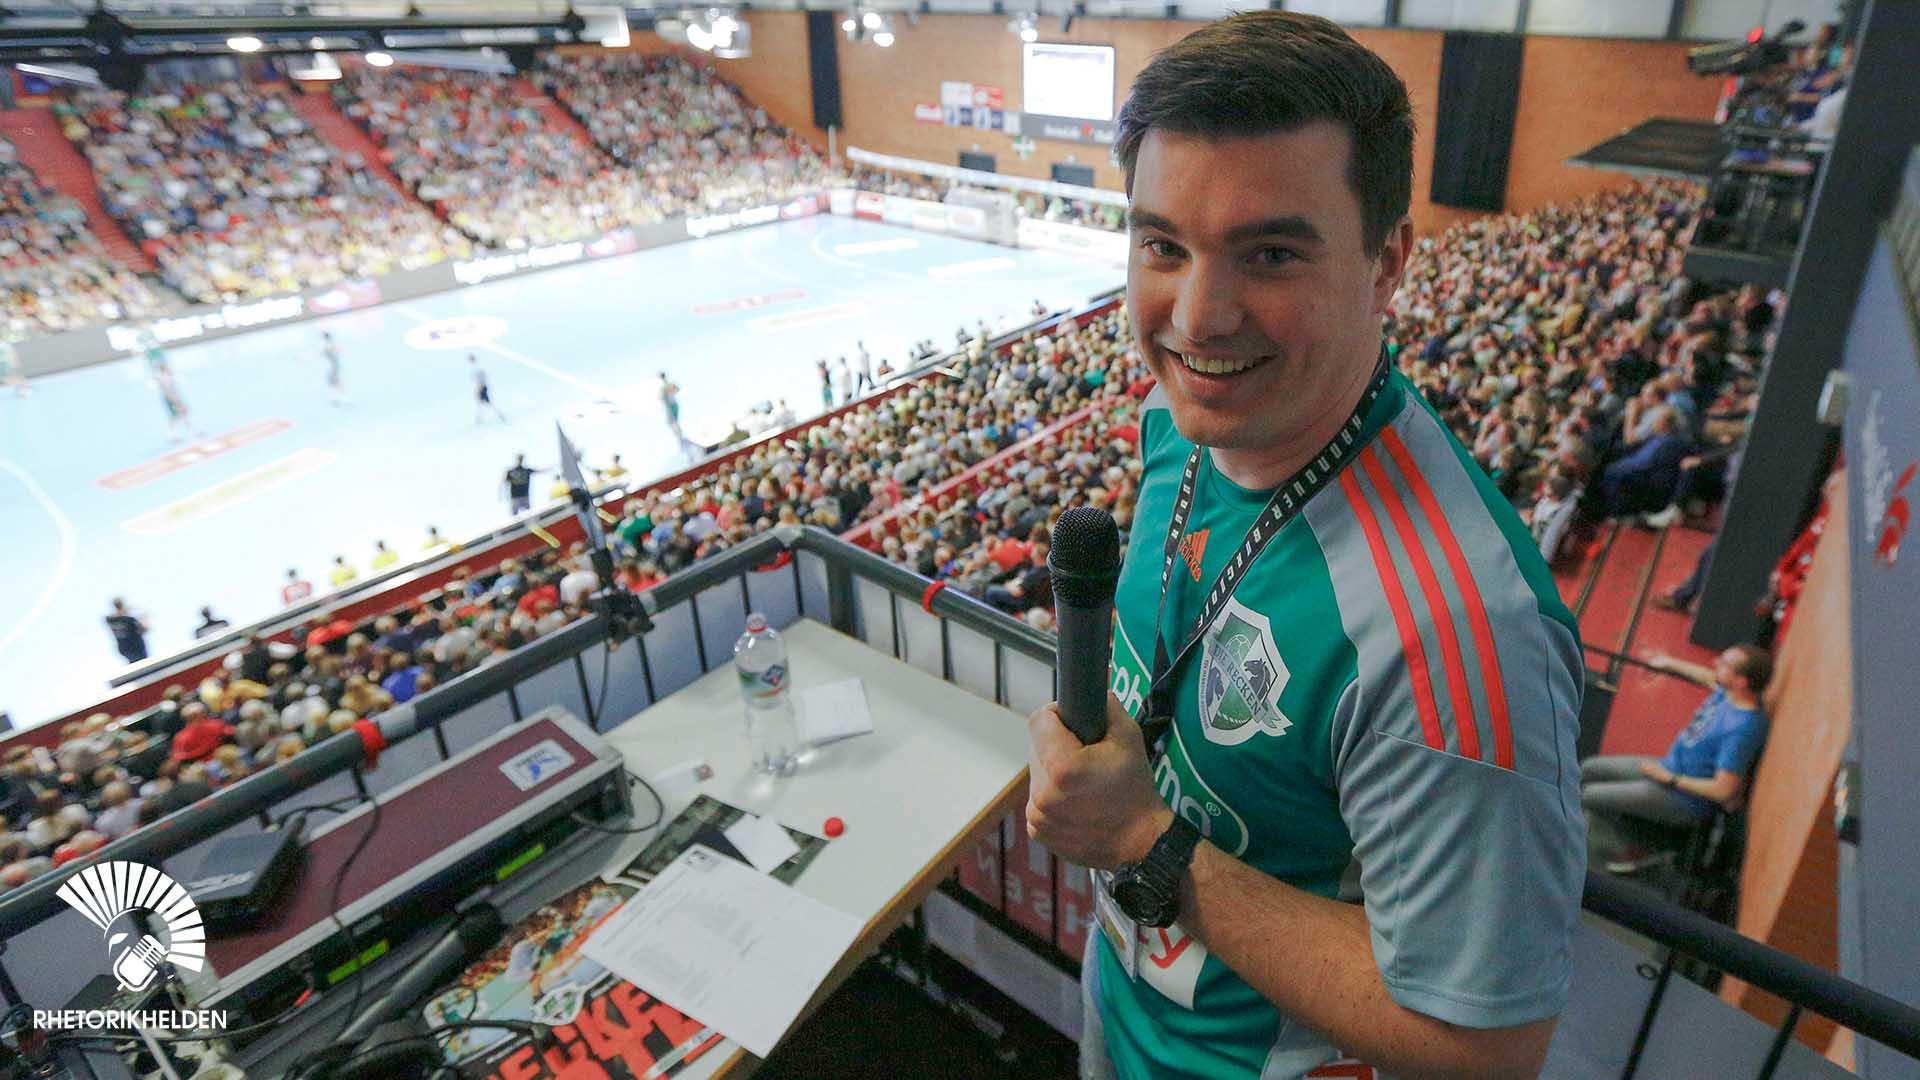 Sport-Moderator in Dresden gesucht - Tim Christopher Gasse buchen